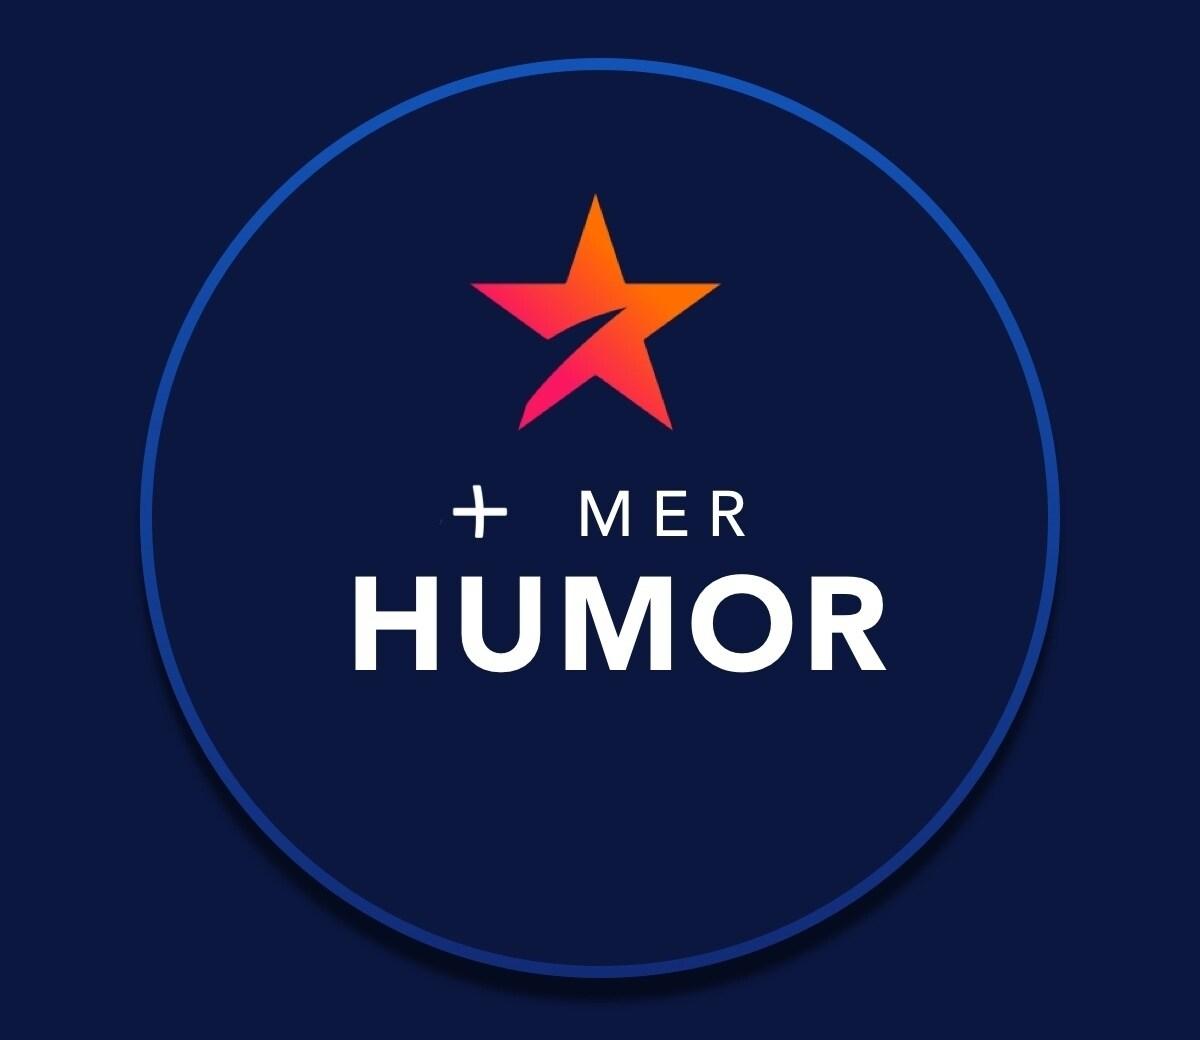 + Mer humor